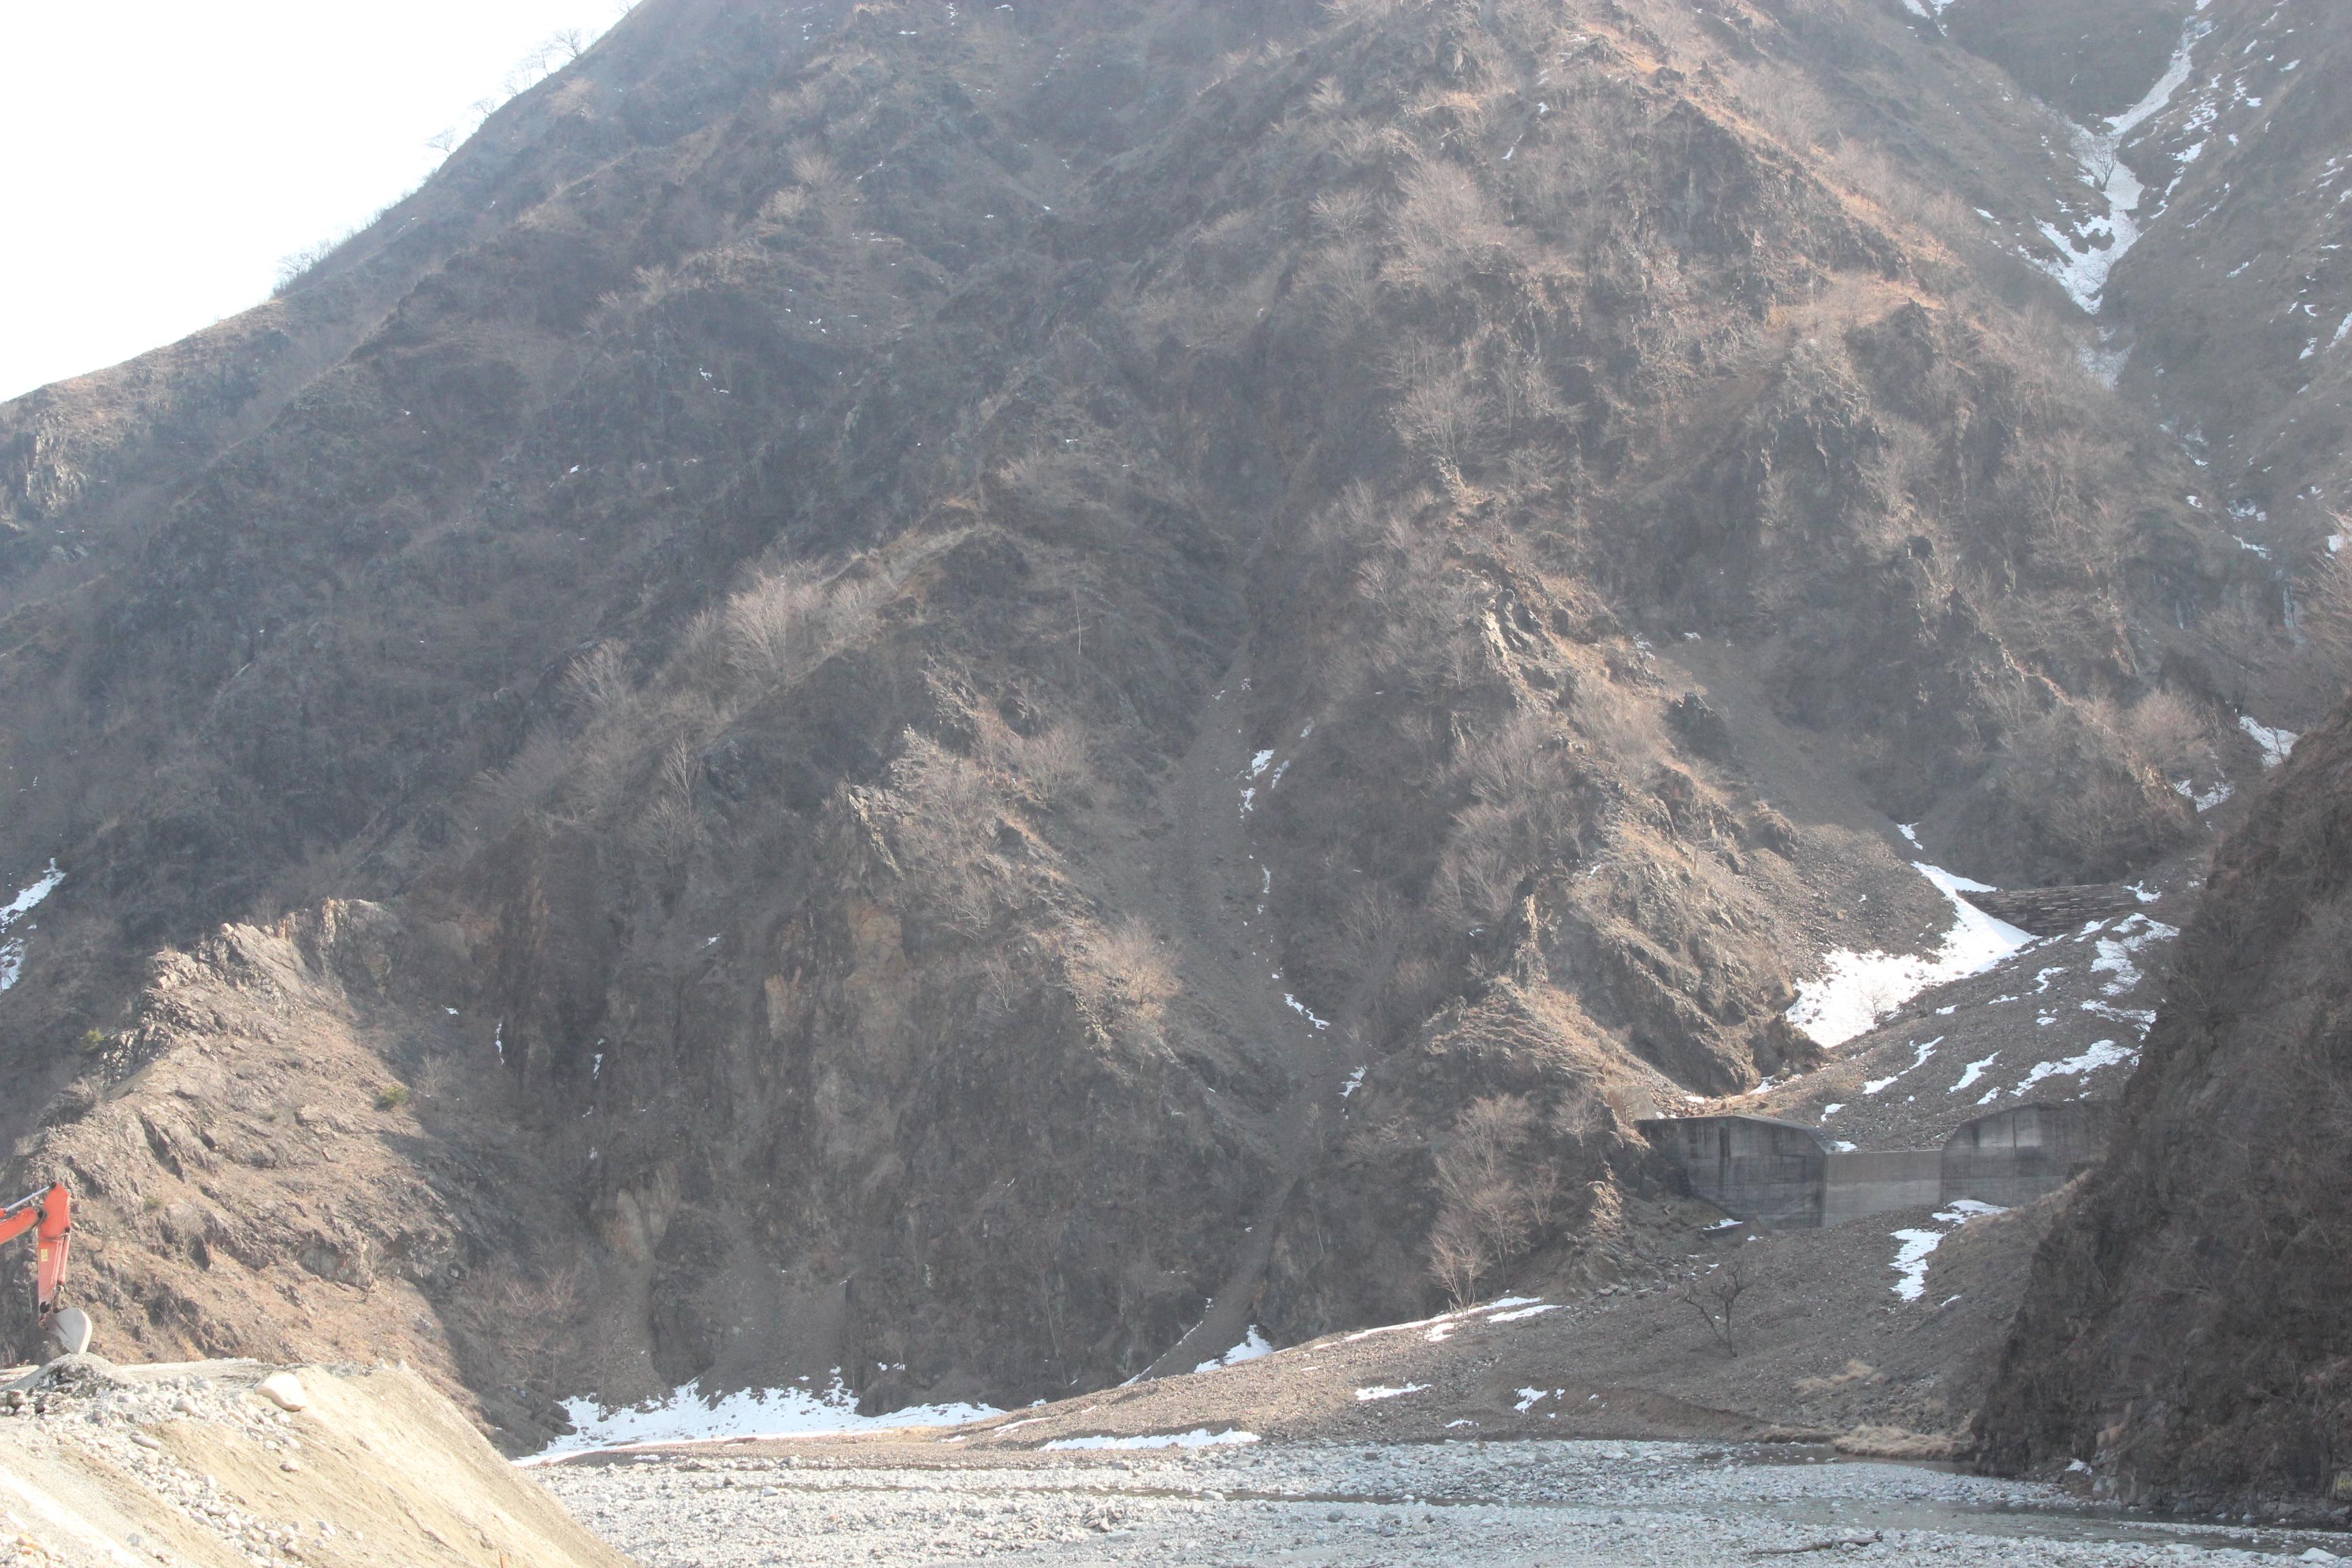 玉名みら 無修正 基盤岩が露出している山腹(2016年2月27日)